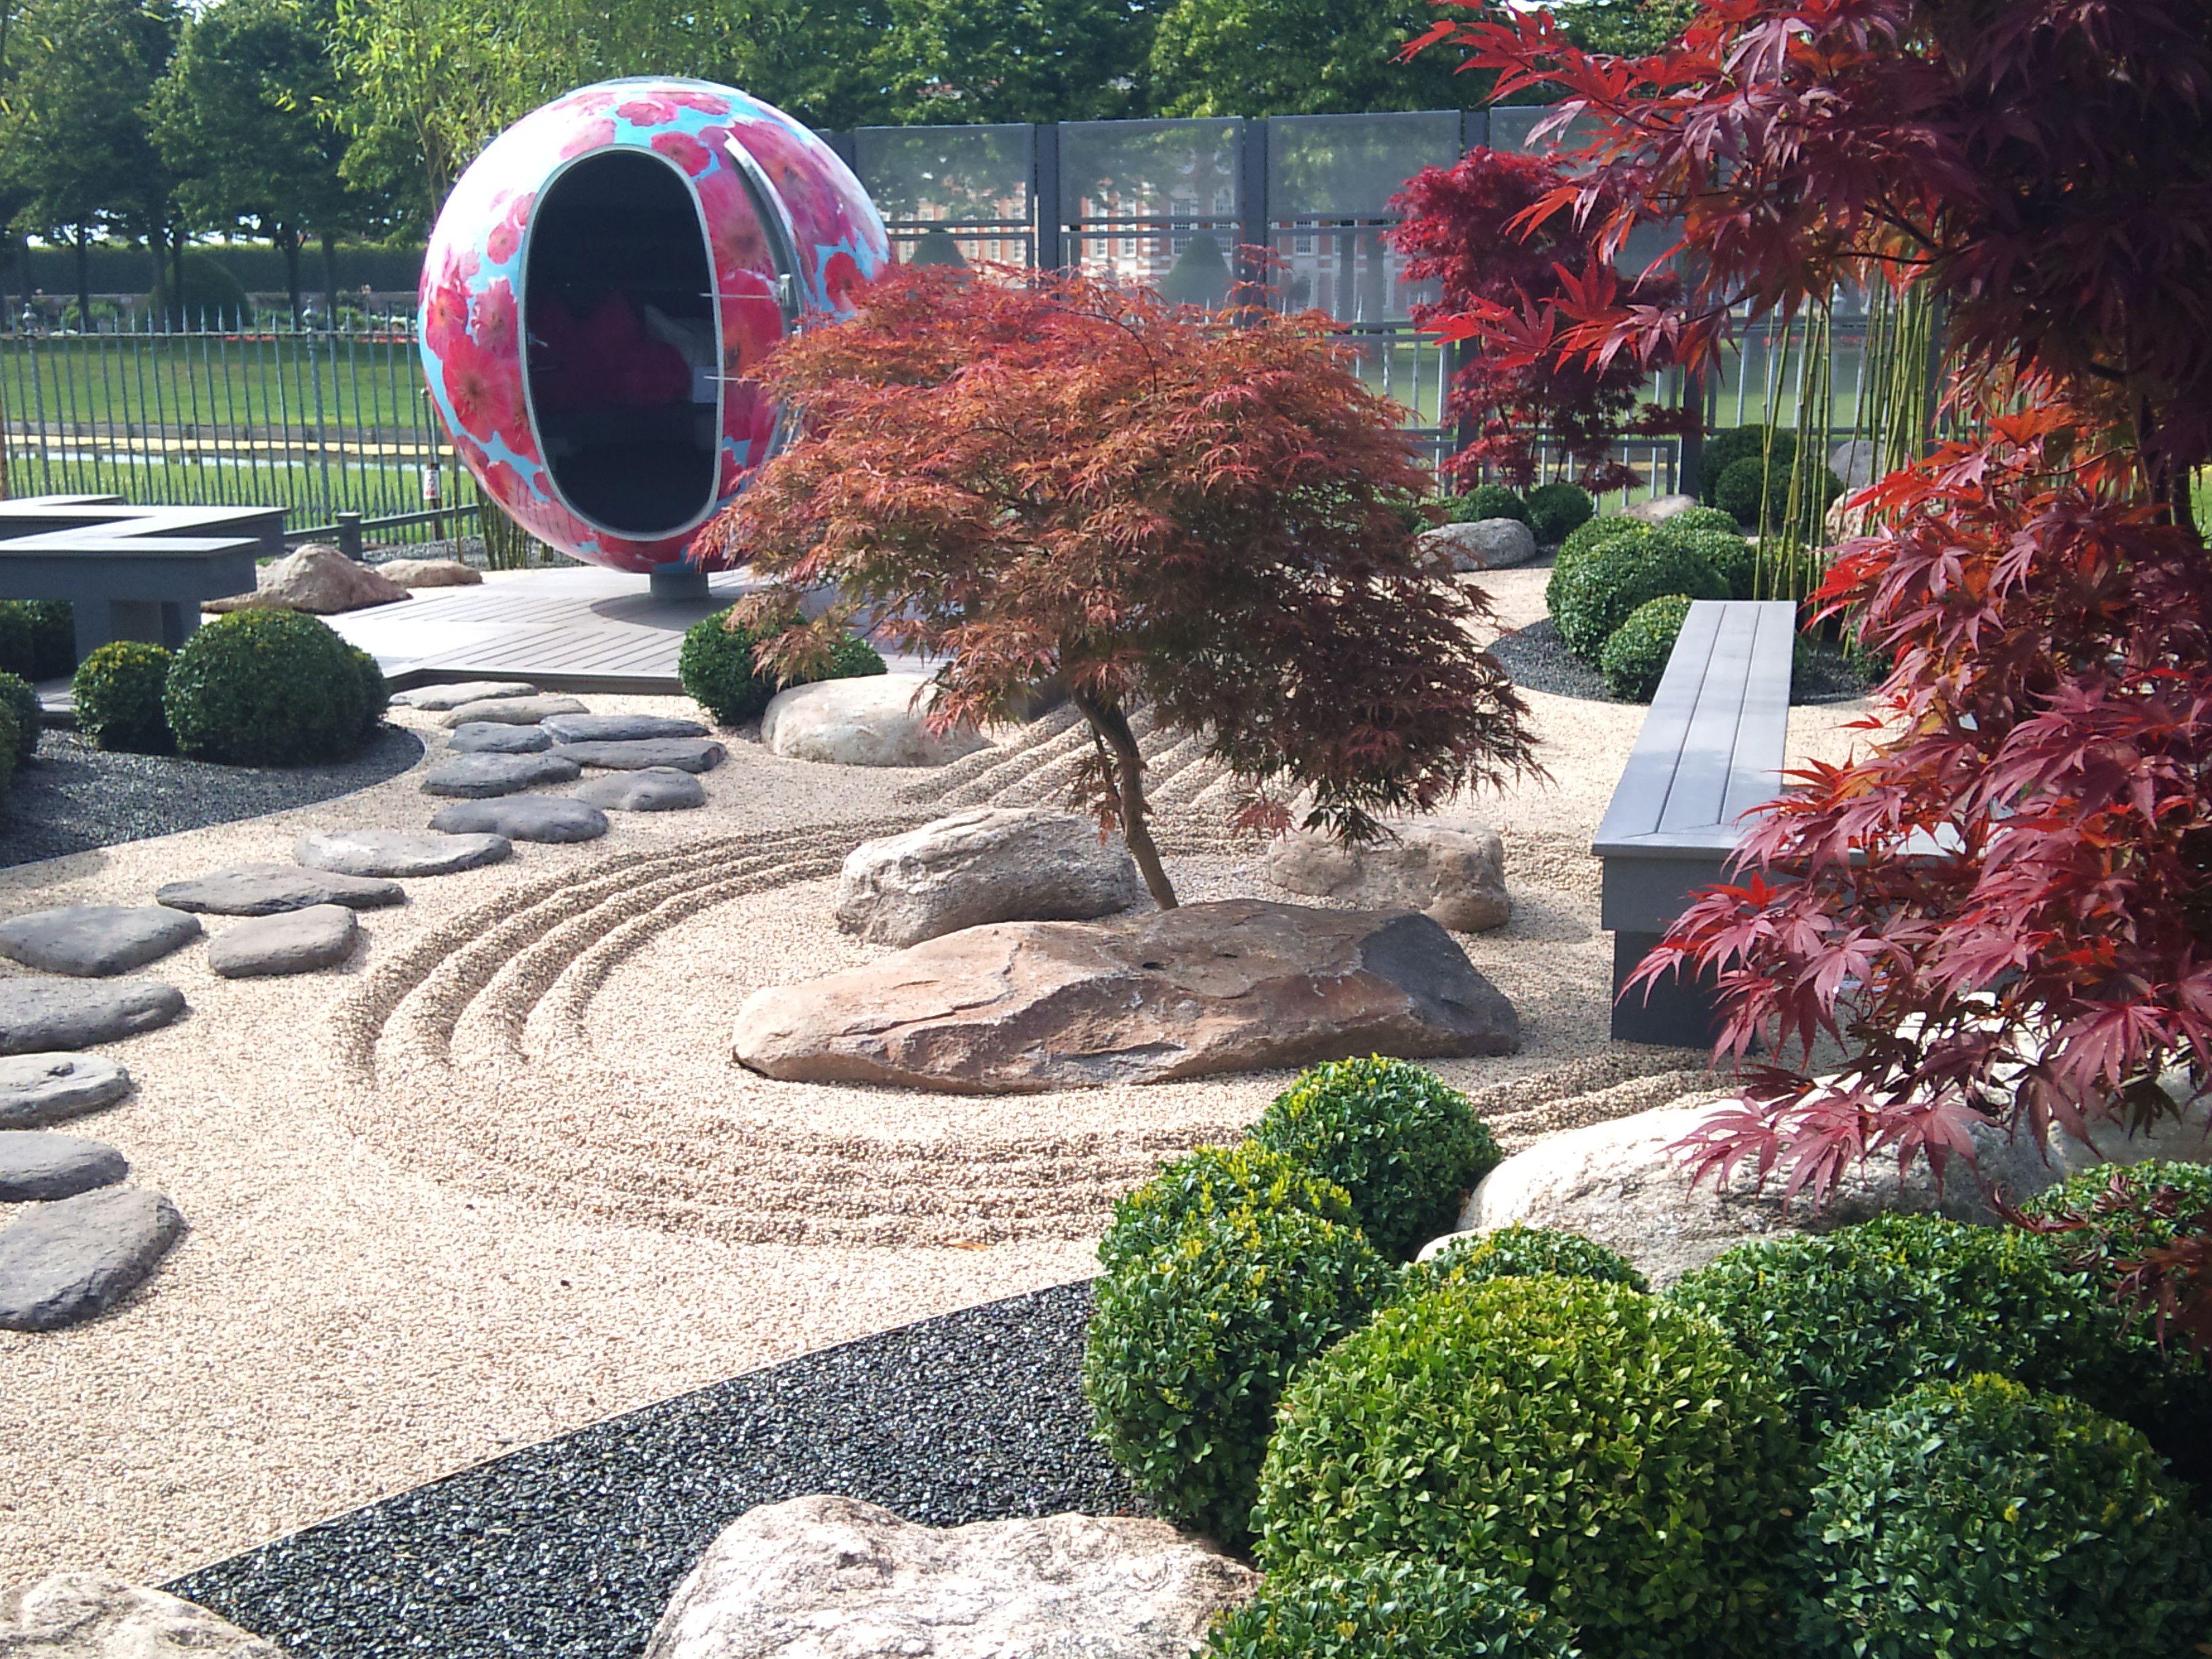 Japanese Garden Ideas For Landscaping modern japanese garden ideas with stone footpath and seating